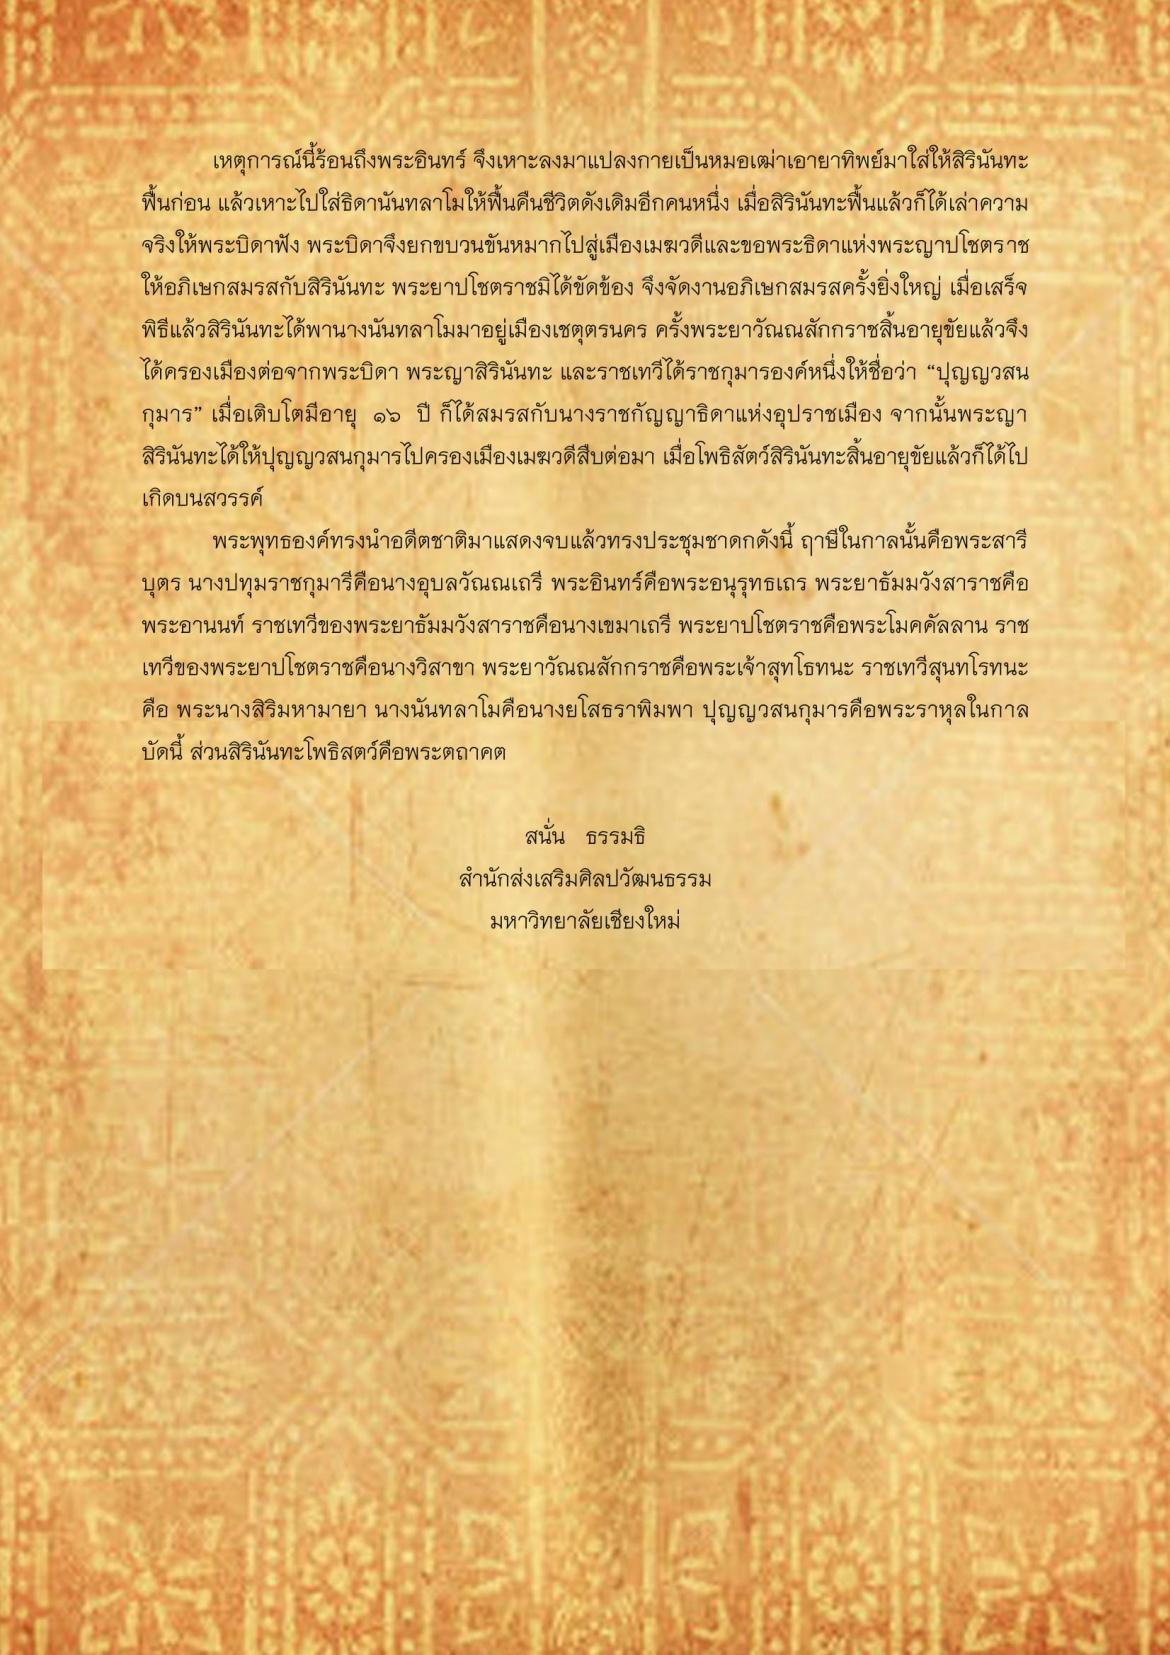 สิรินันทะ(4) - 27 มีนาคม 2560